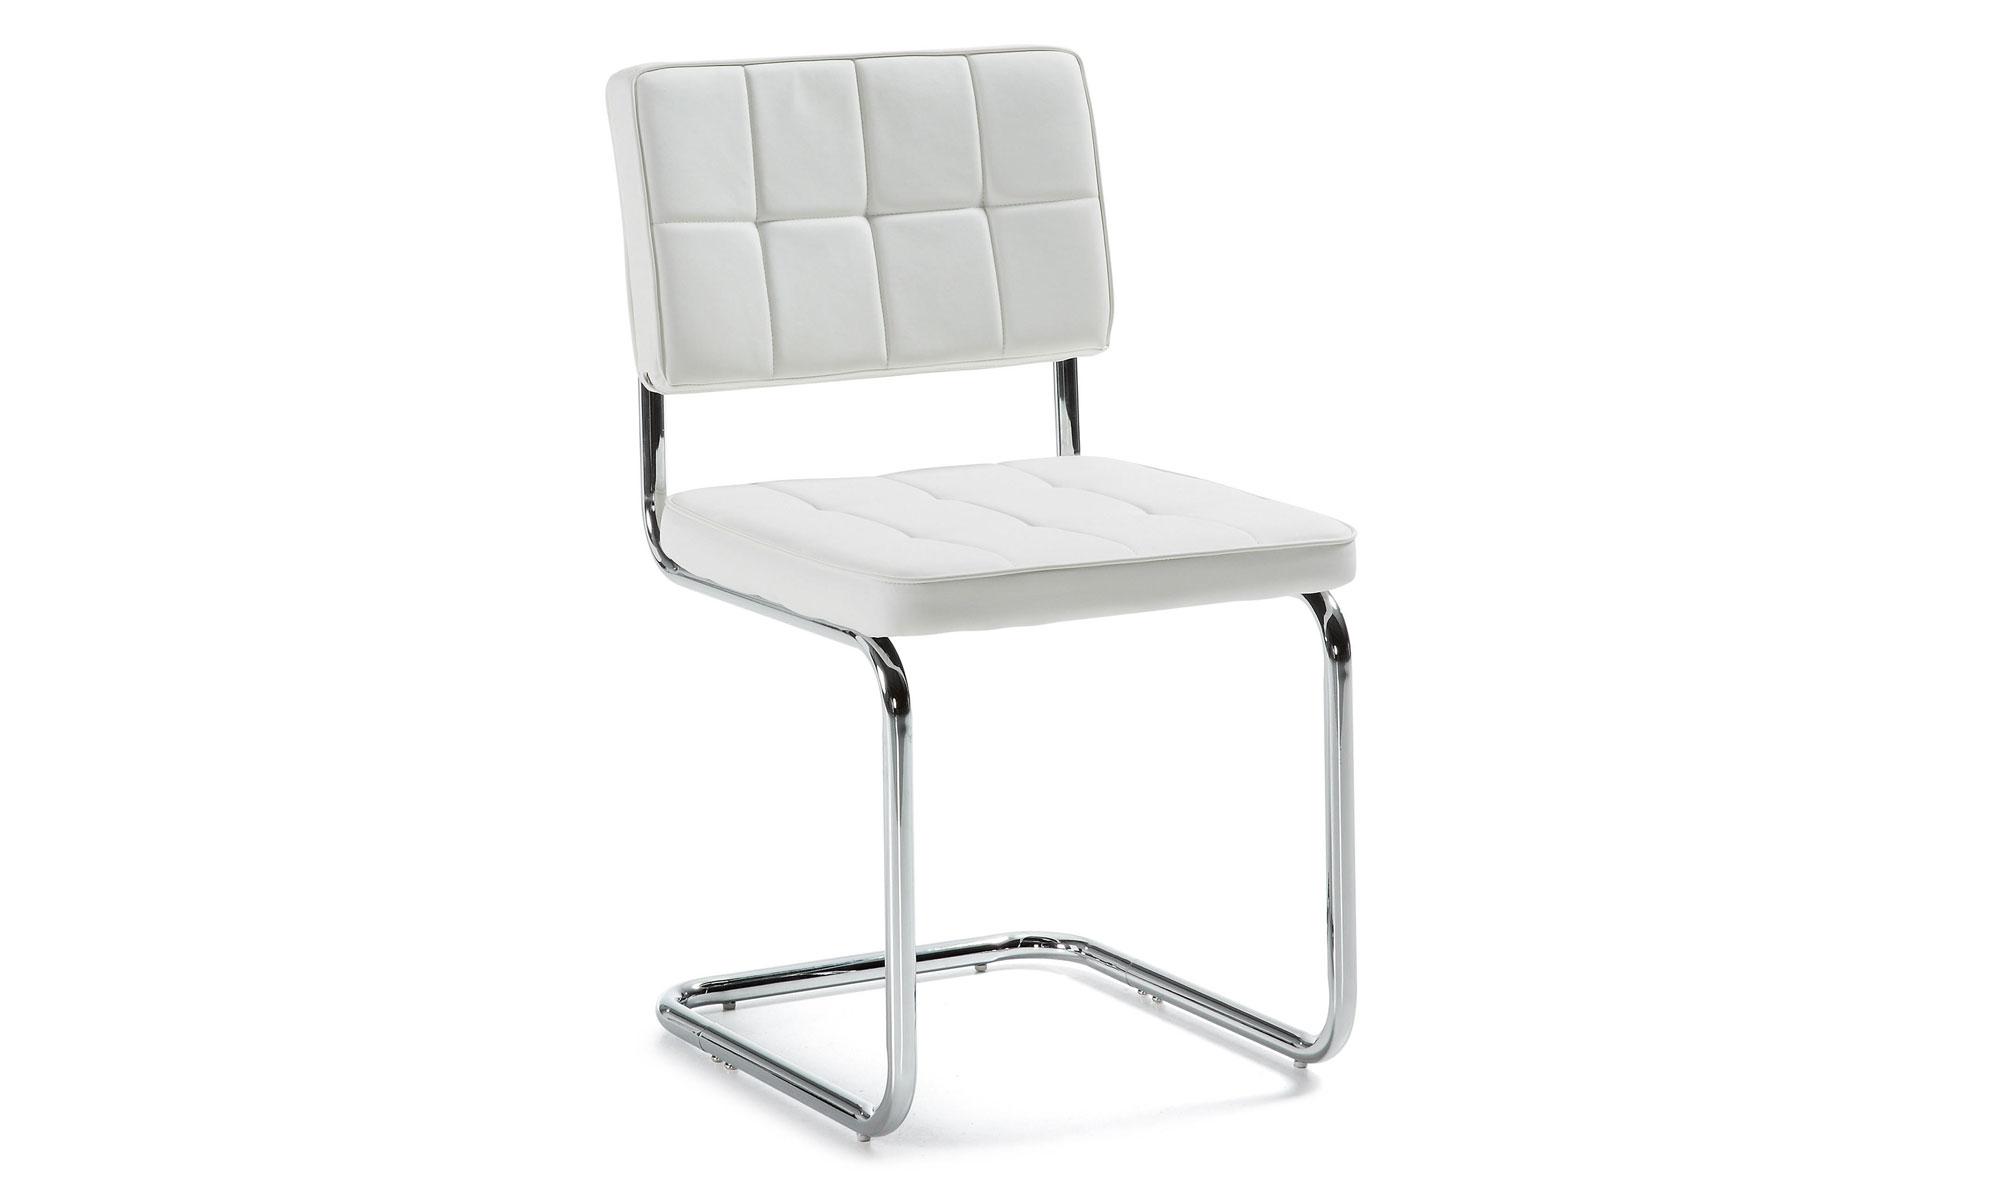 Sillas comedor blancas modernas sillas blancas de comedor for Sillas capitone modernas